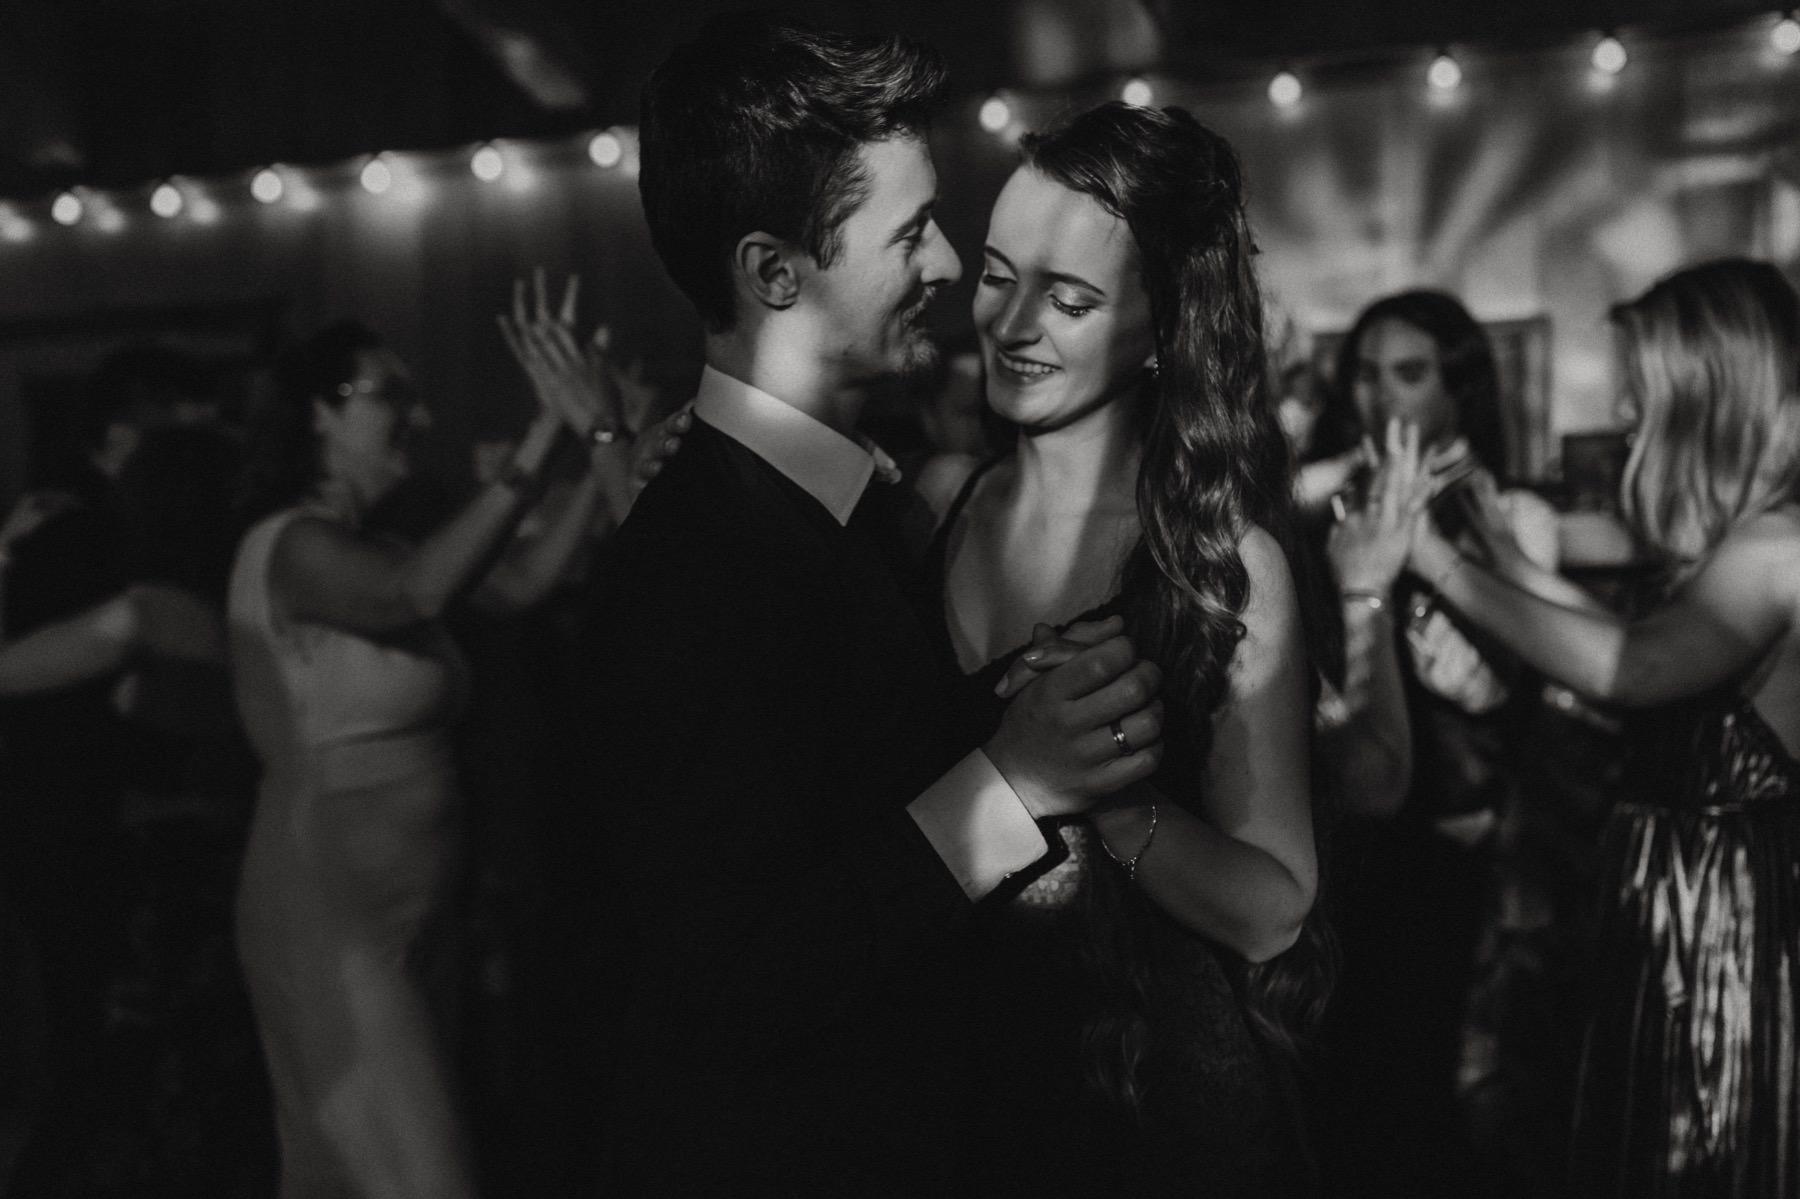 Thomas Fogarty wedding party